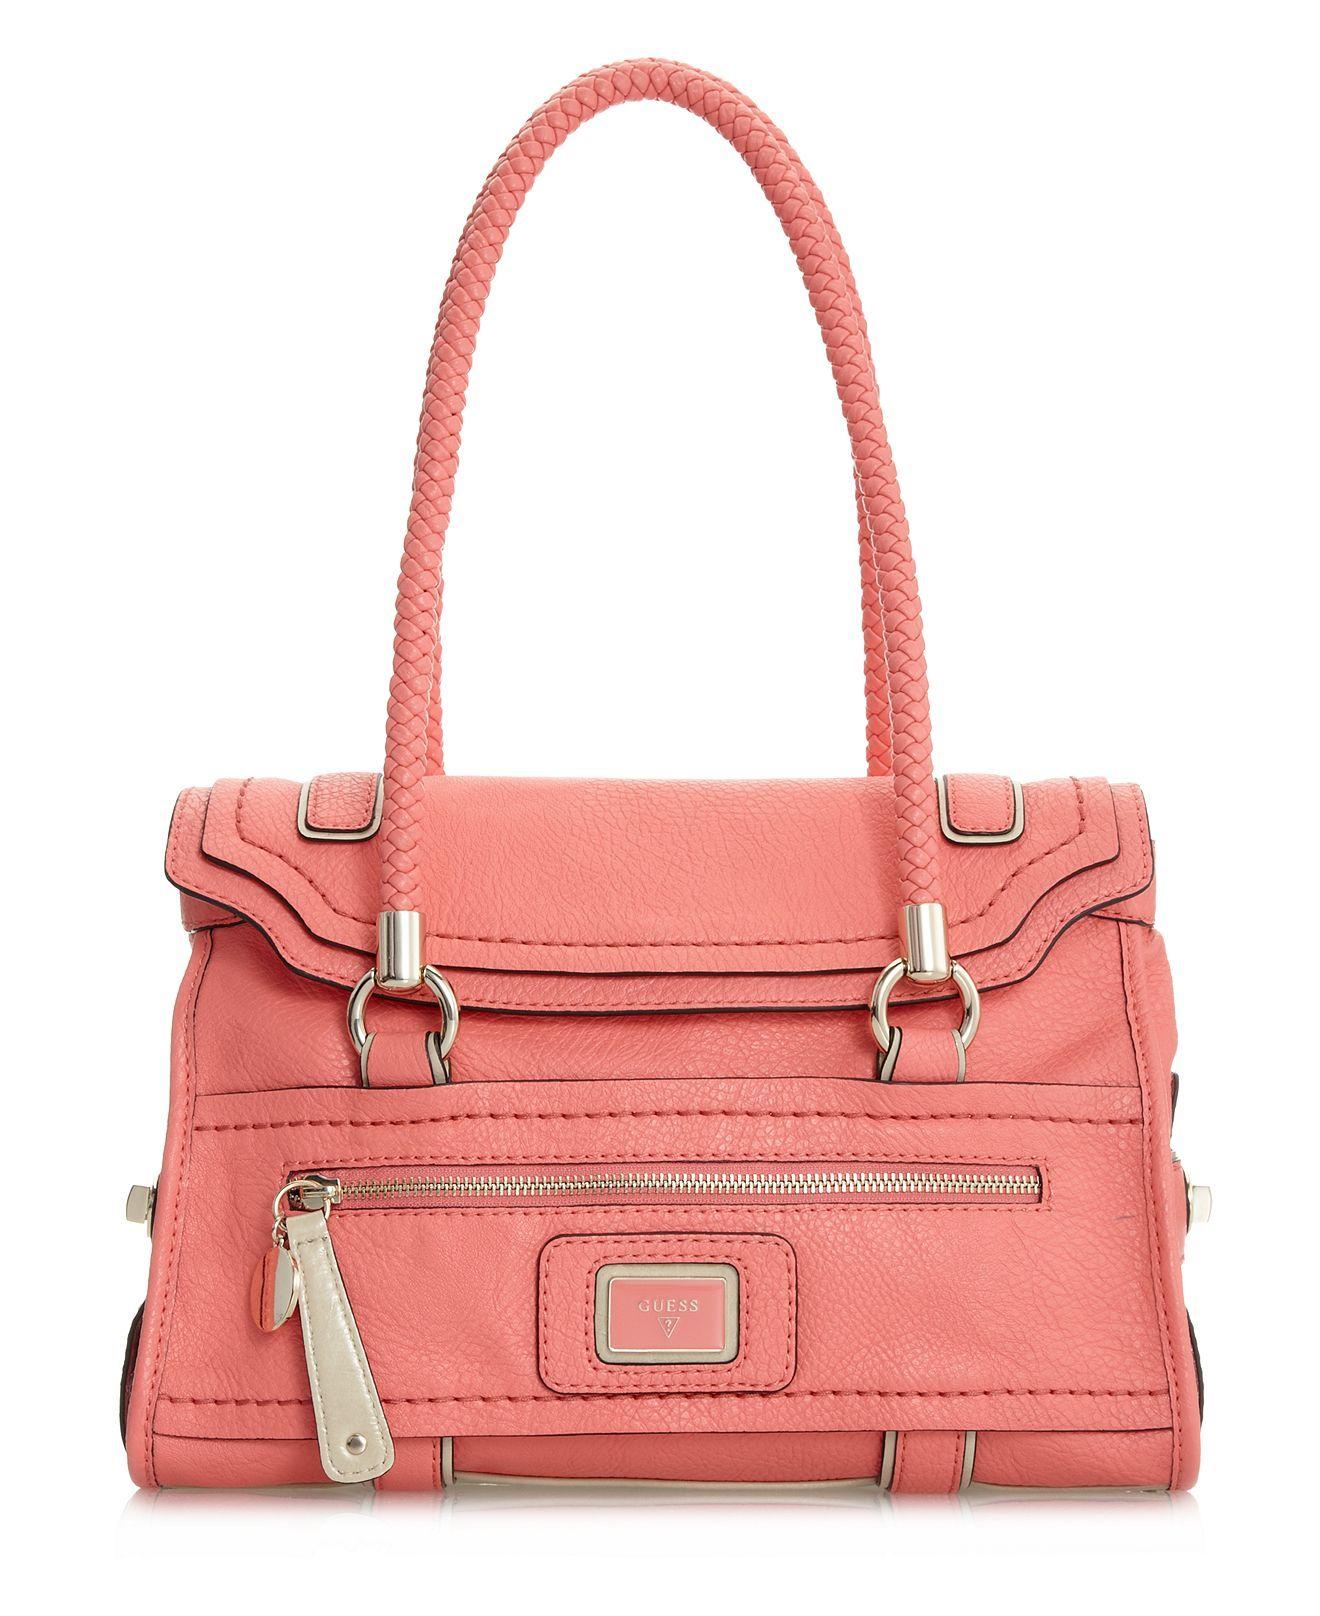 Guess Handbag Talina Flap Satchel In C